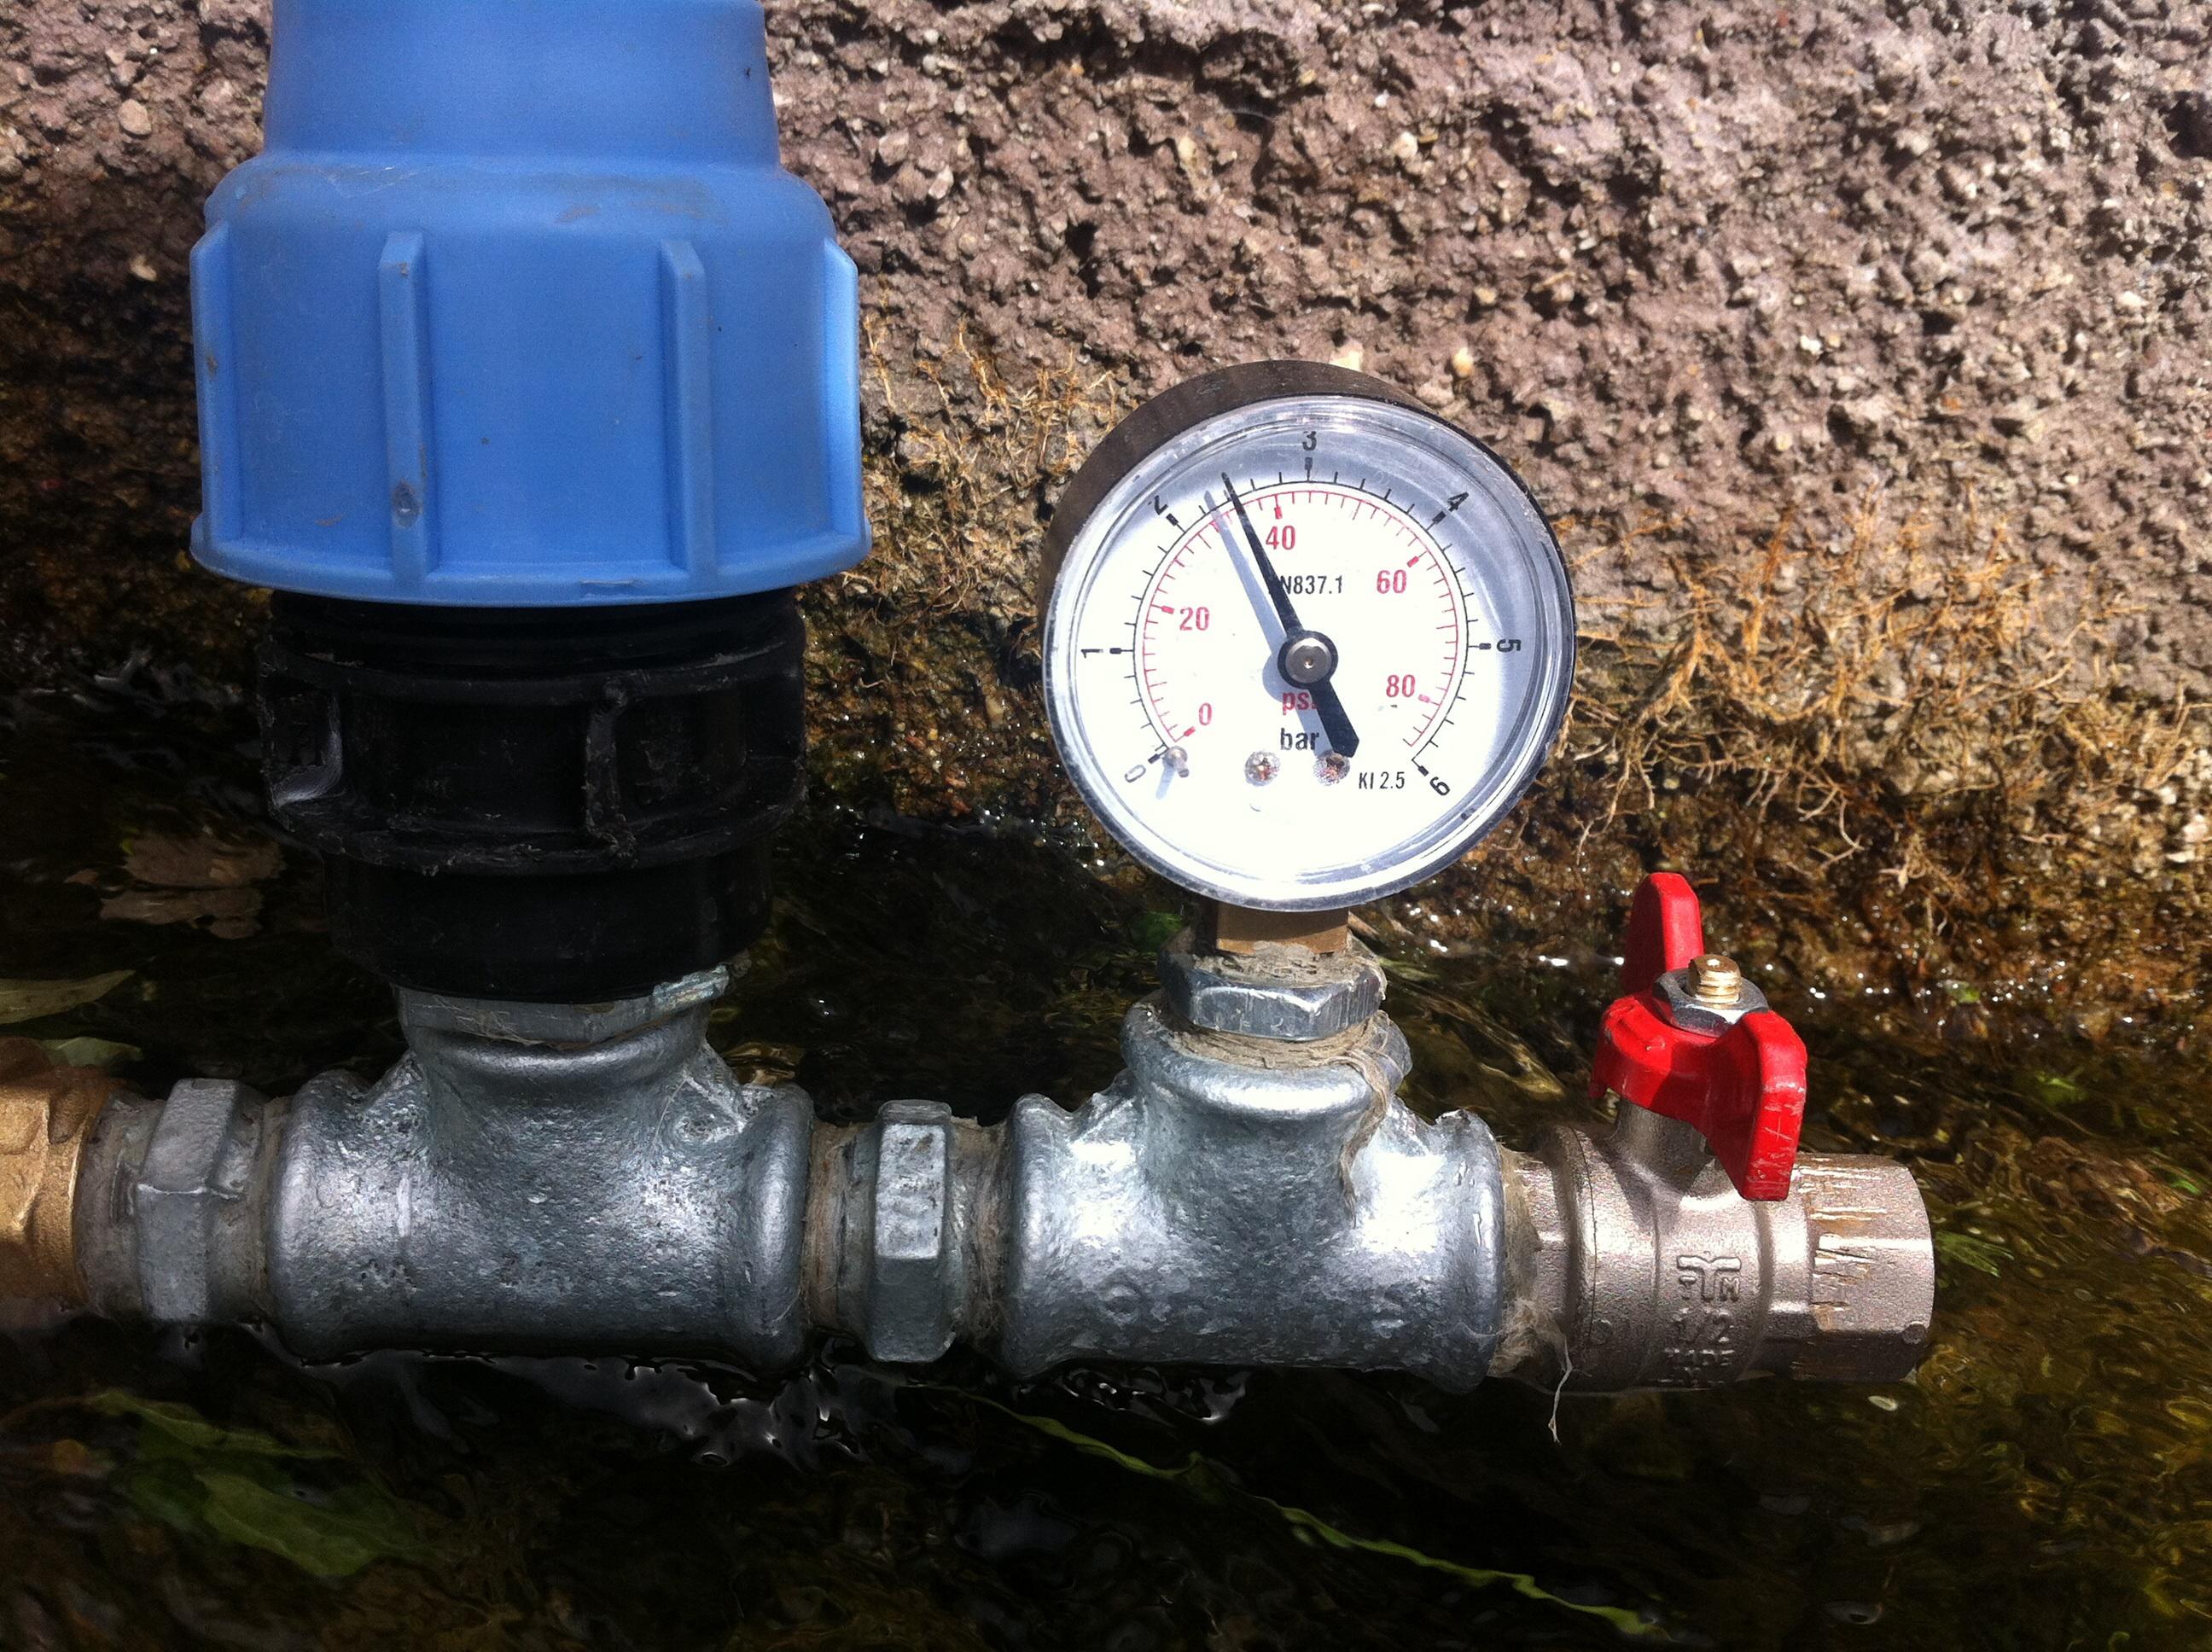 http://www.energialternativa.info/public/newforum/ForumEA/L/image_3.jpg